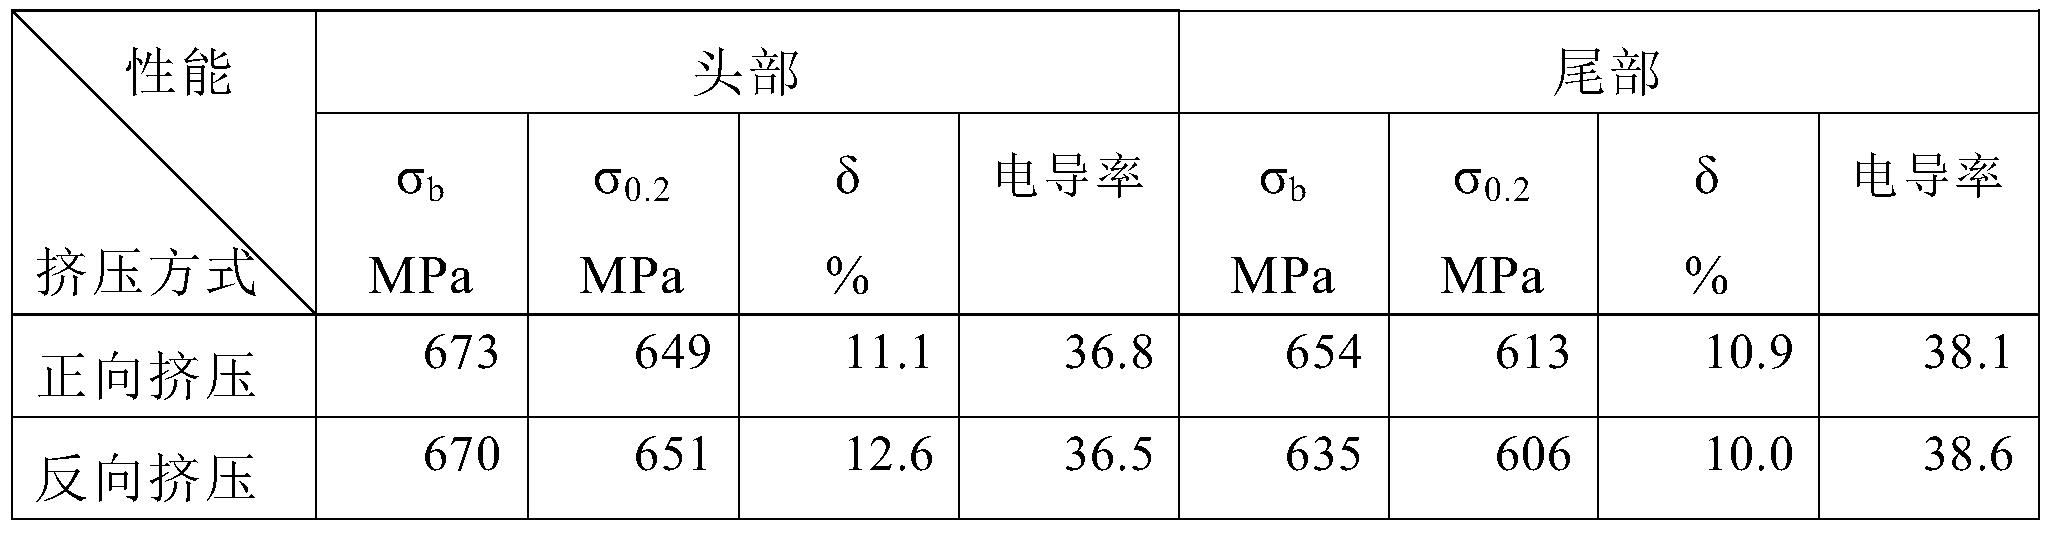 Figure PCTCN2014086114-appb-000002